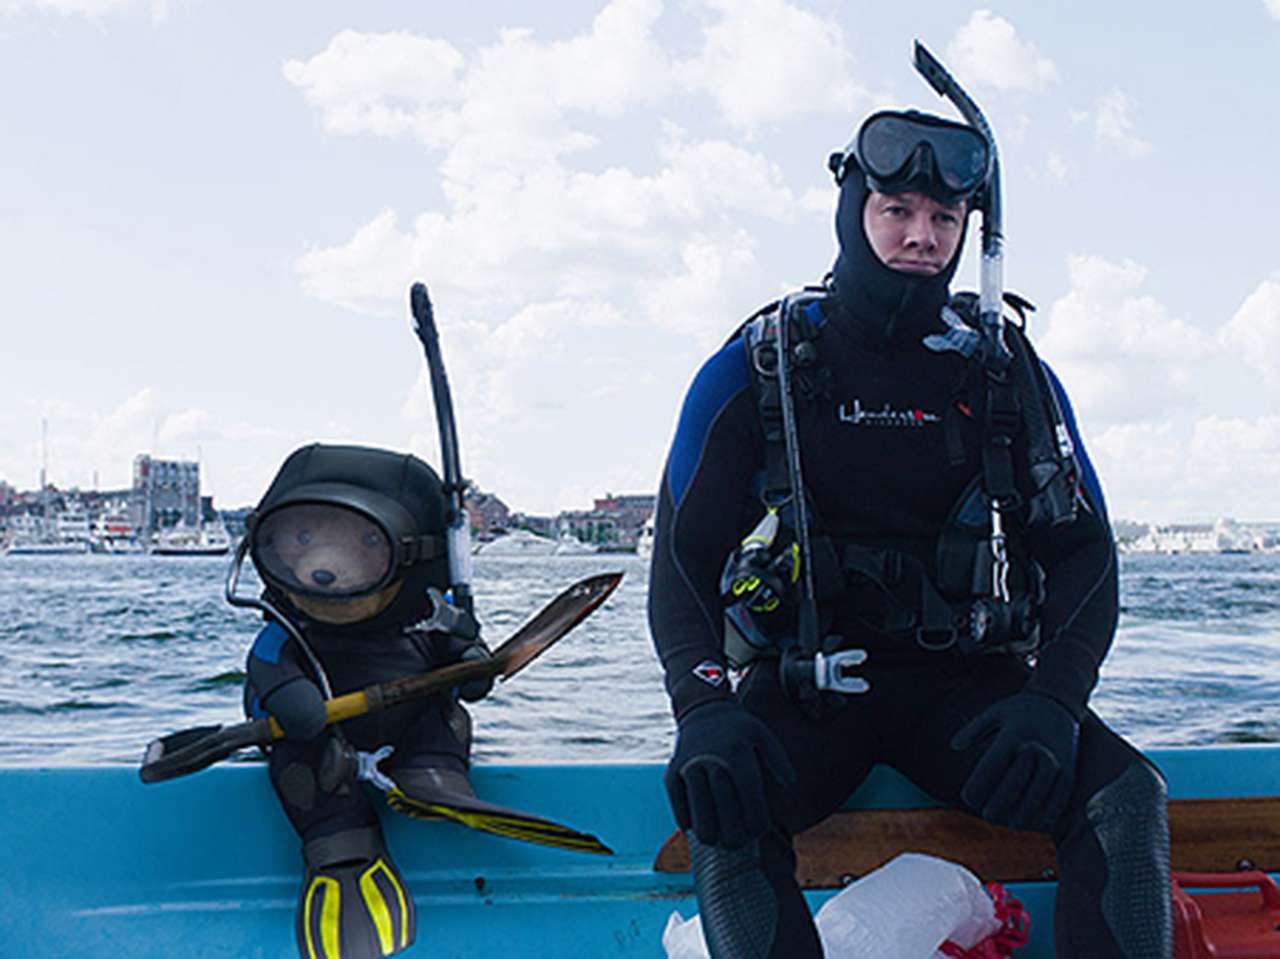 'Ted 2' se estrenará el 26 de junio de 2015. Foto: Universal Pictures